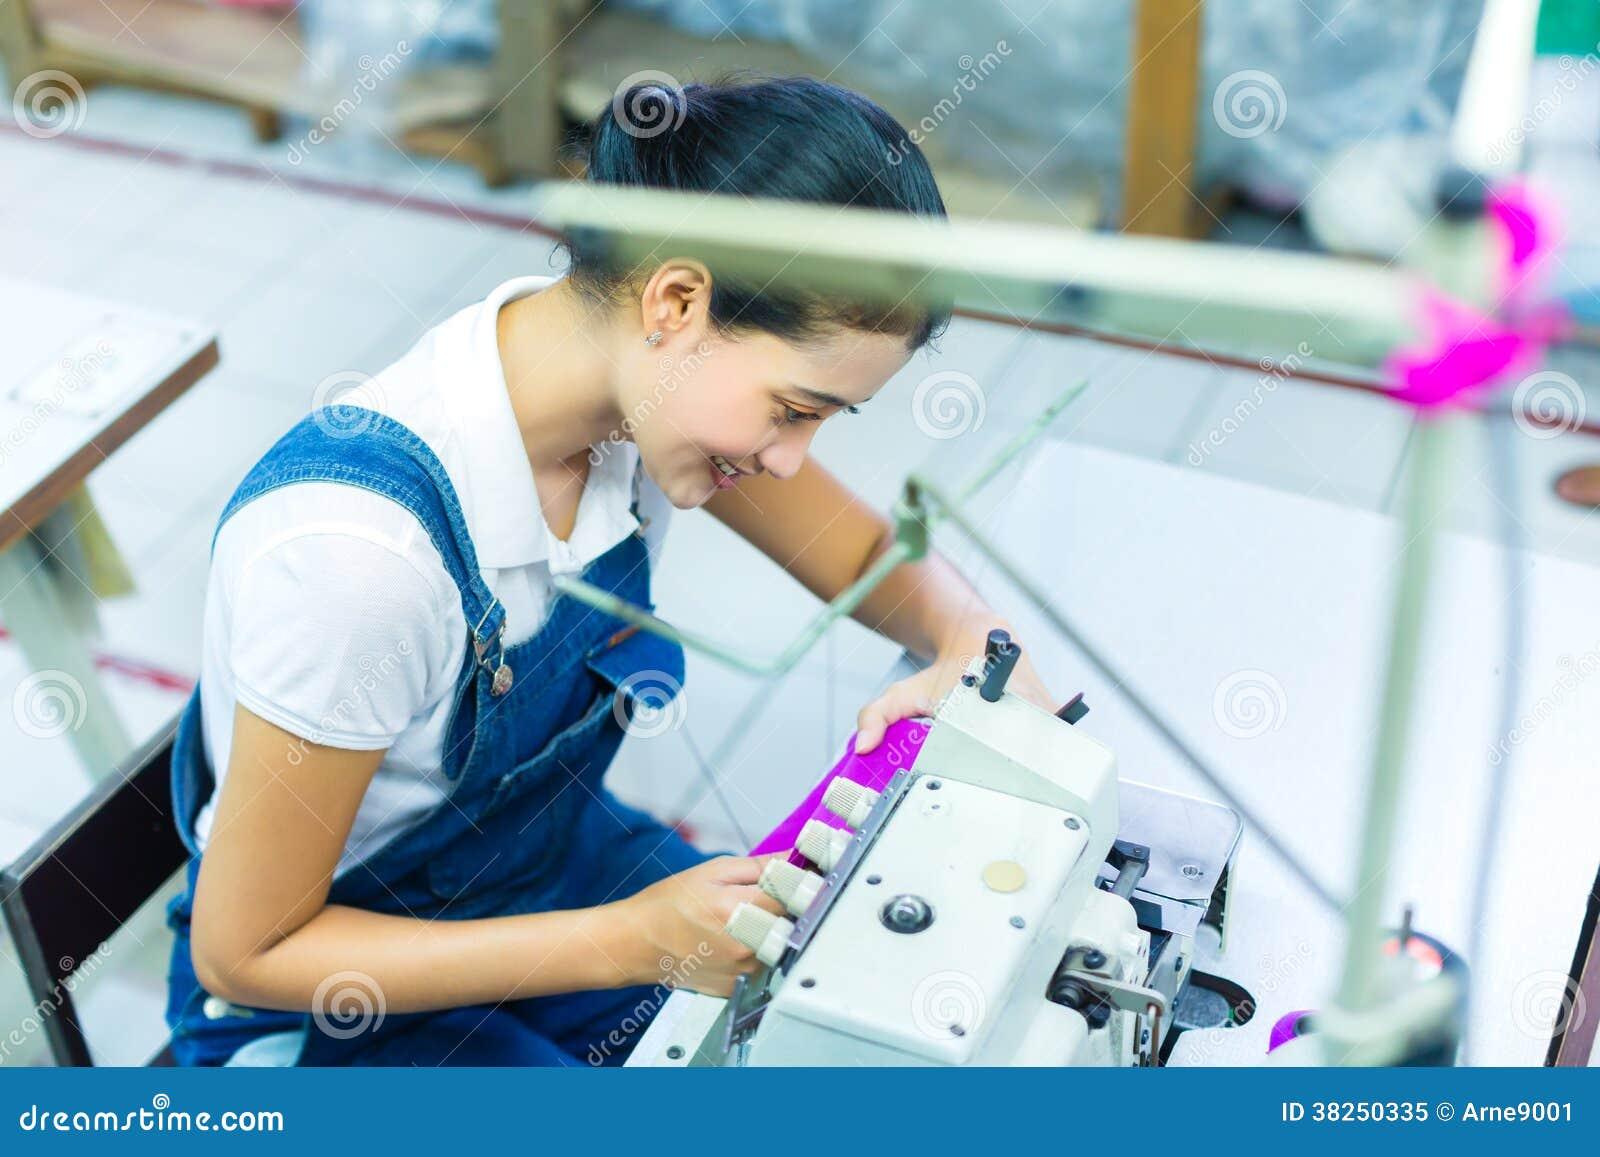 Ινδονησιακό seamstress σε ένα υφαντικό εργοστάσιο